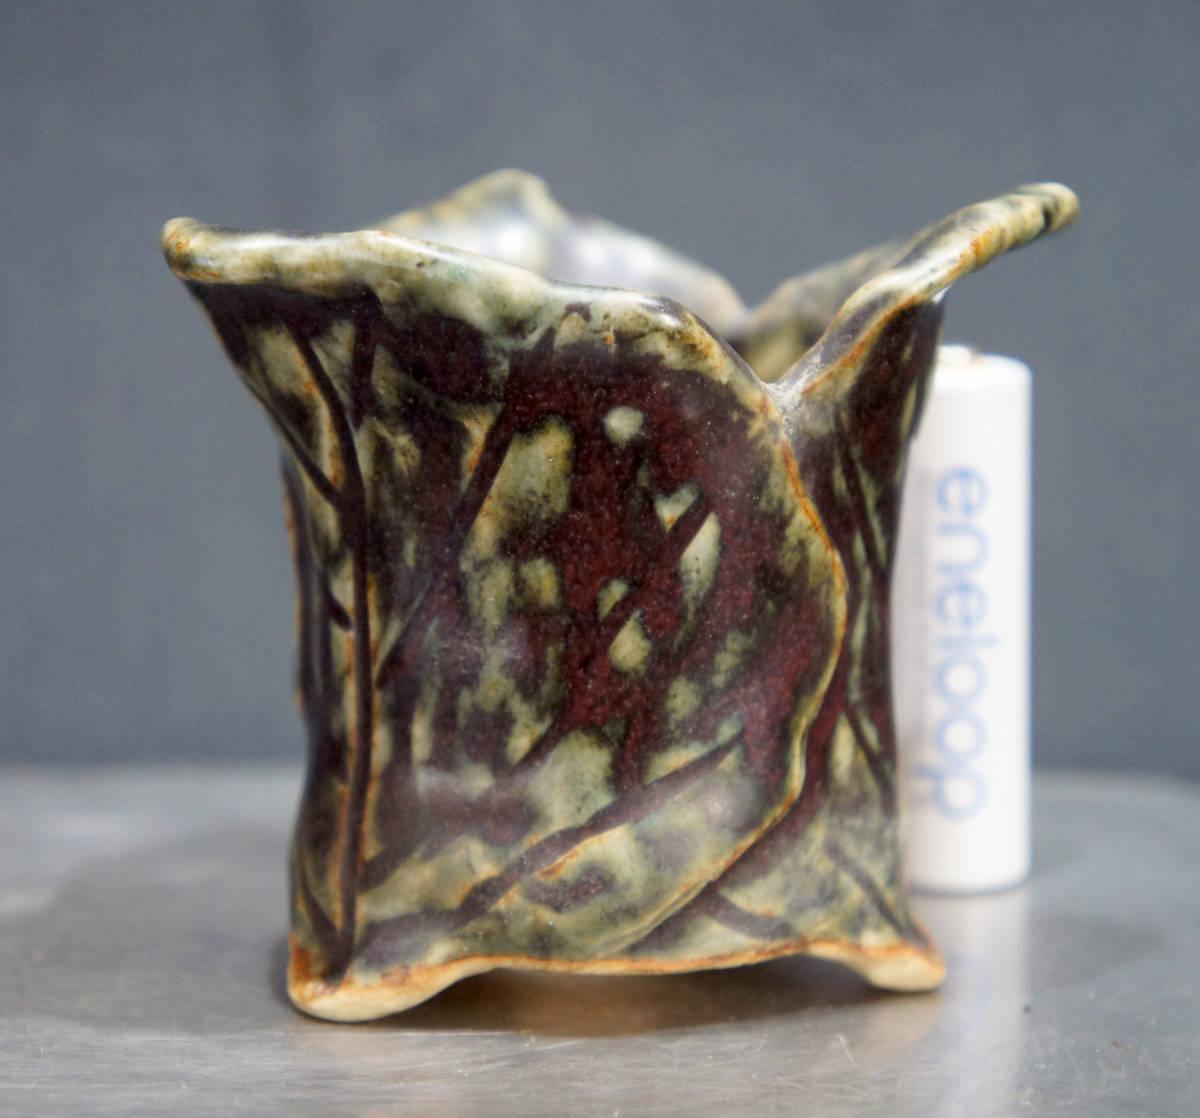 茶山 盆栽鉢 奥行7.5cm 横幅7.5cm 高さ6.5cm